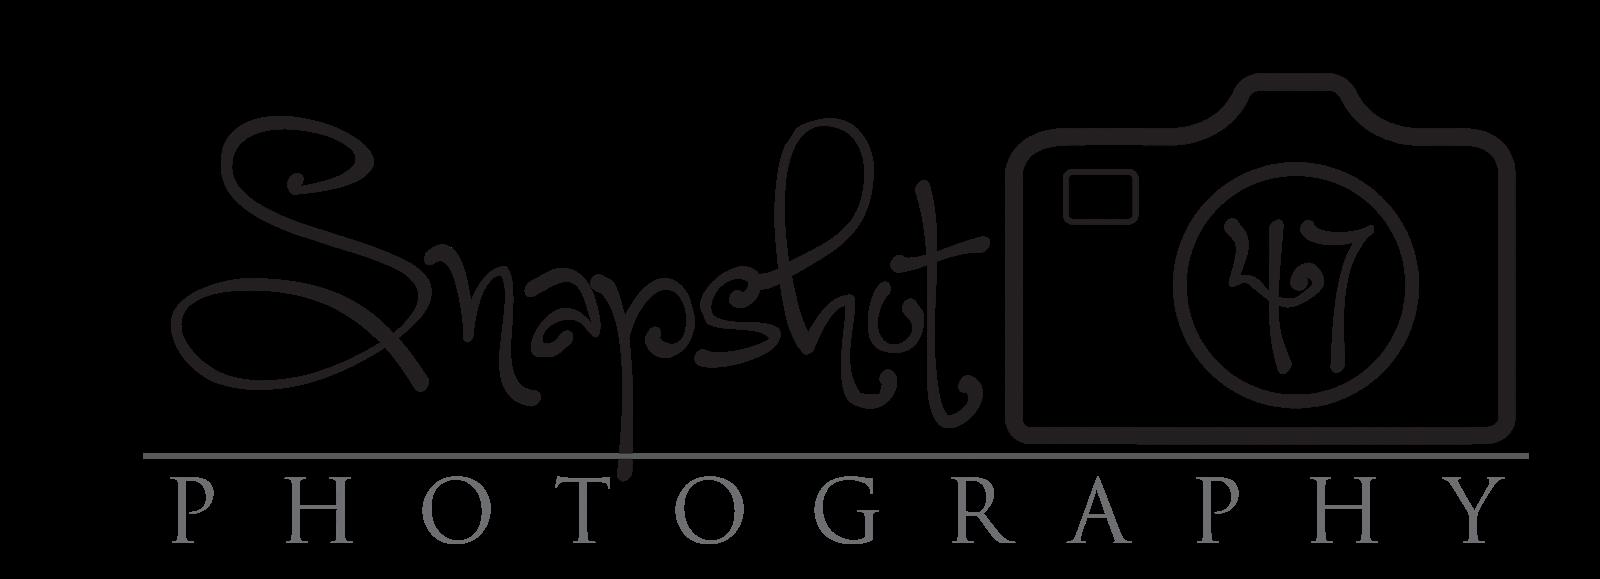 Snapshot 47 Photos